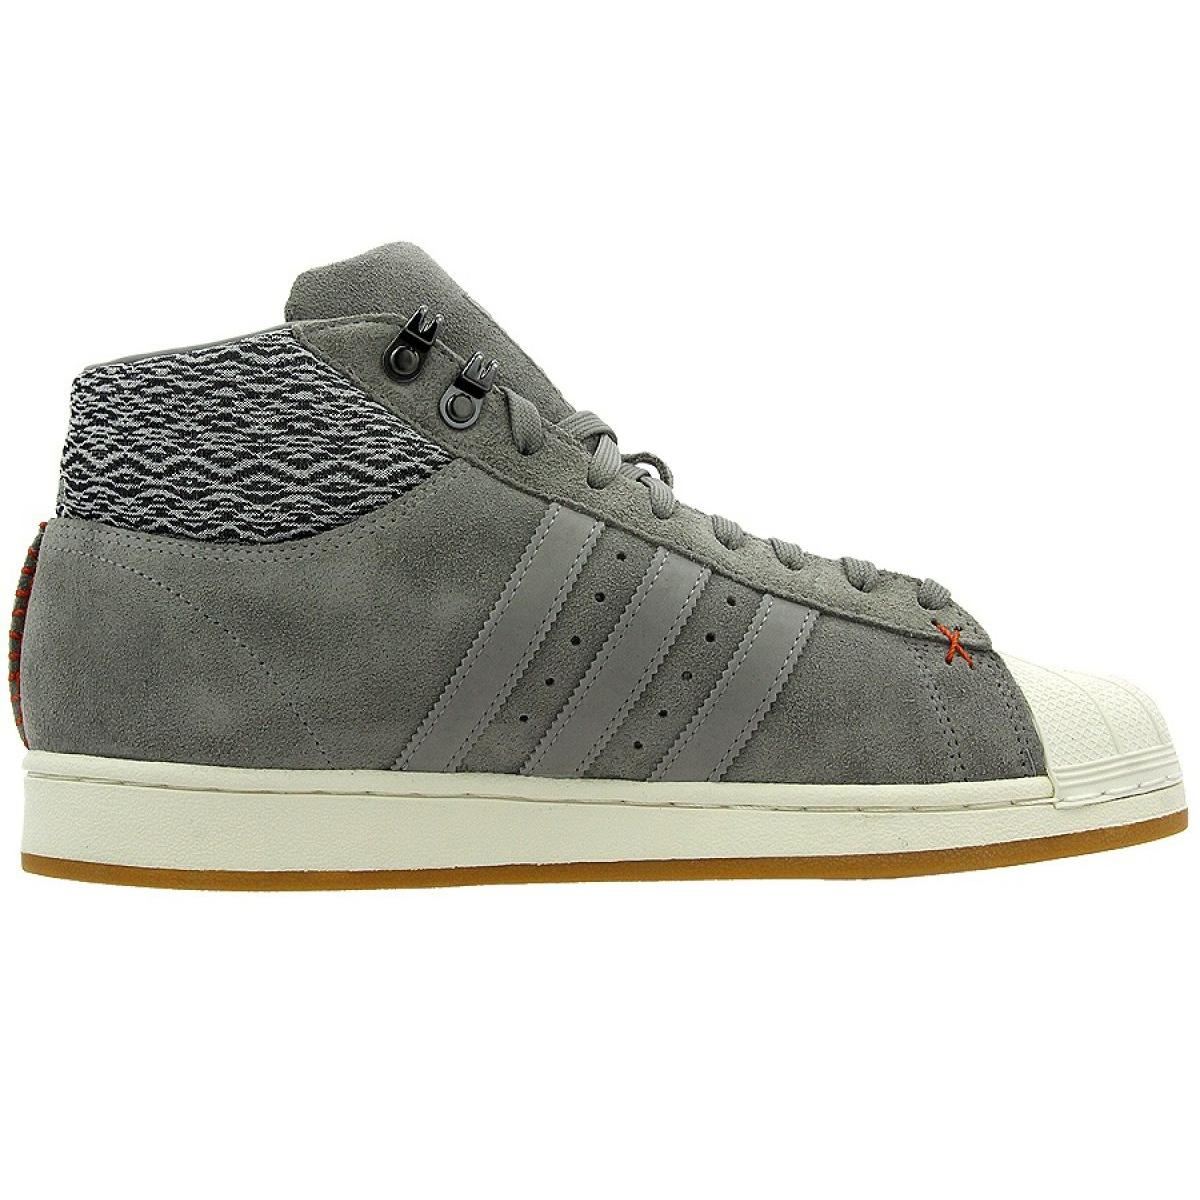 meilleur authentique 559c9 0e422 Grey Adidas Originals Pro Model Bt M AQ8160 shoes